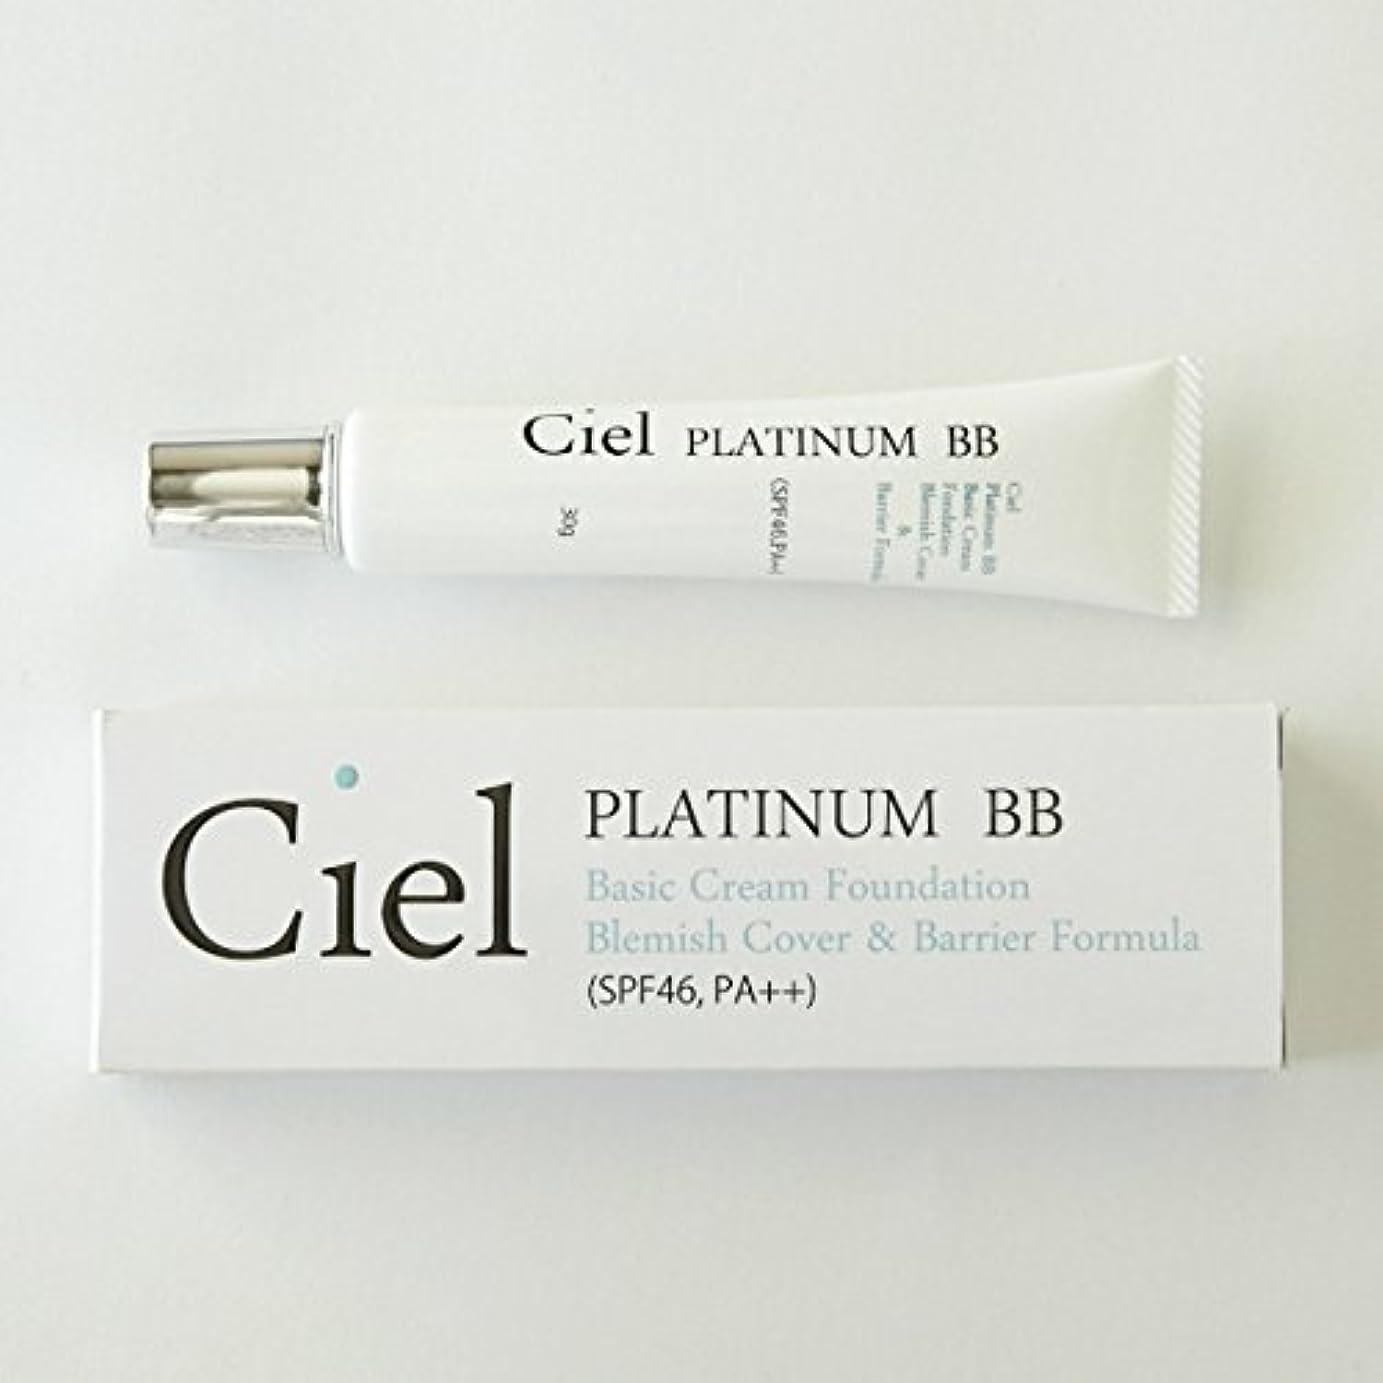 一生軽減するタイマーCiel Salon de Beaute Ciel PLATINUM BB SPF46 BBクリーム ファンデーション 日本製 日焼け止め